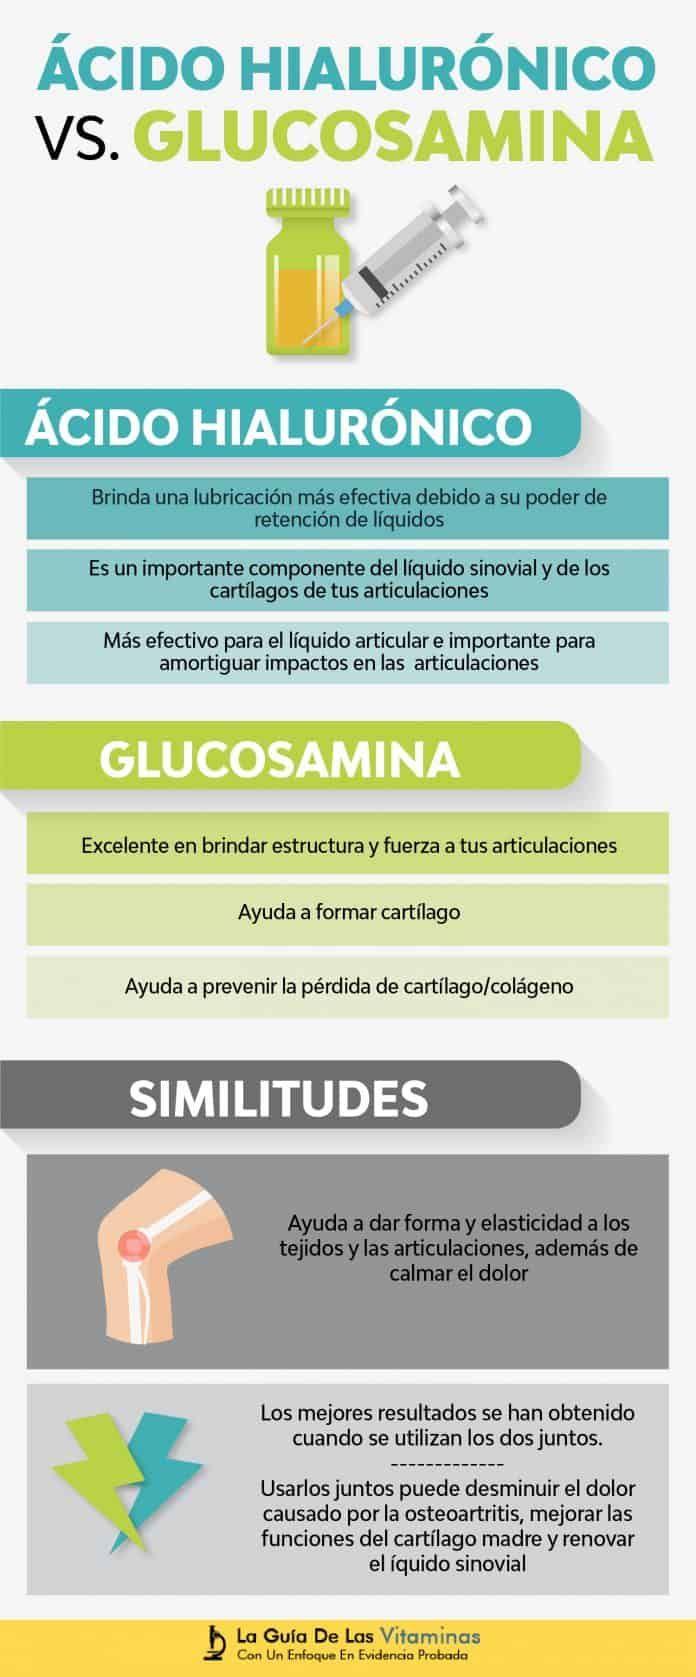 Ácido hialurónico: qué es beneficios usos y efectos ...